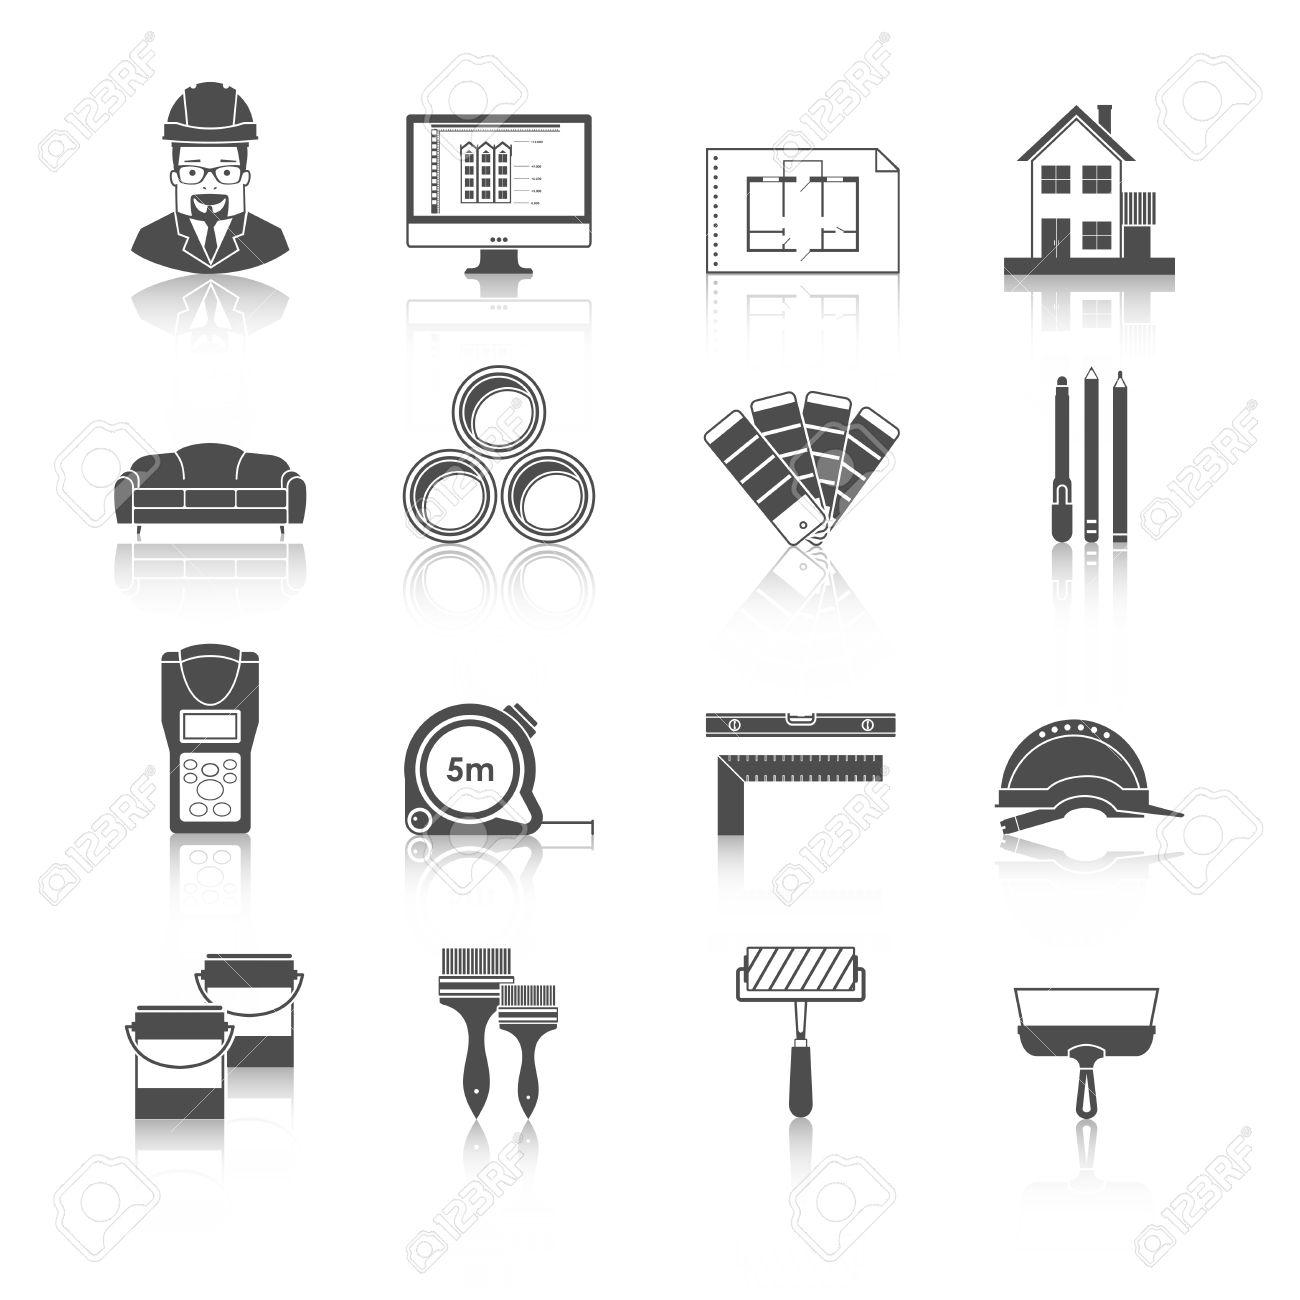 Architecture, Interior design and repairs vector black icons set - 39316546